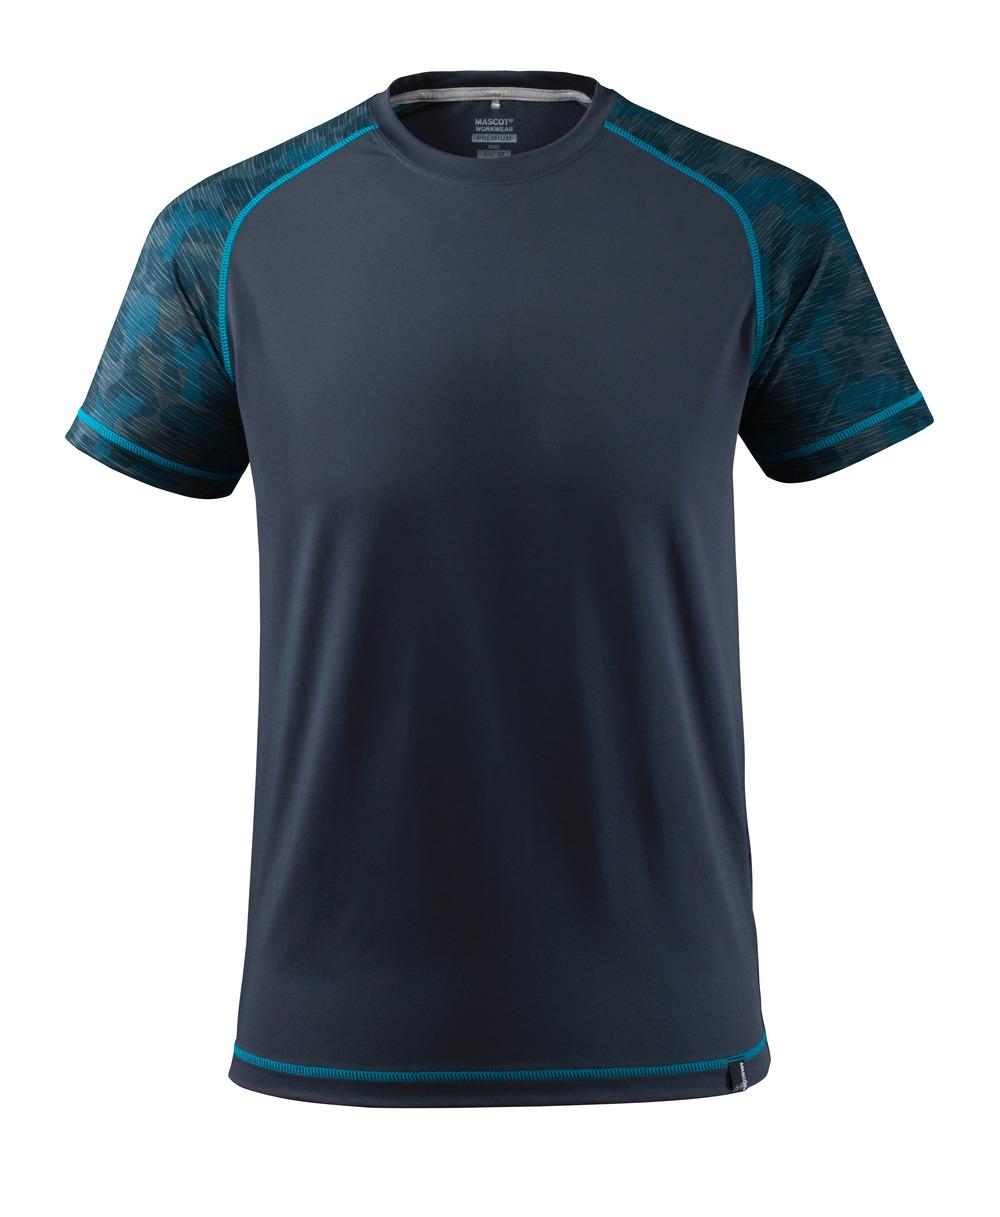 17482-944-010 T-shirt - mörk marin